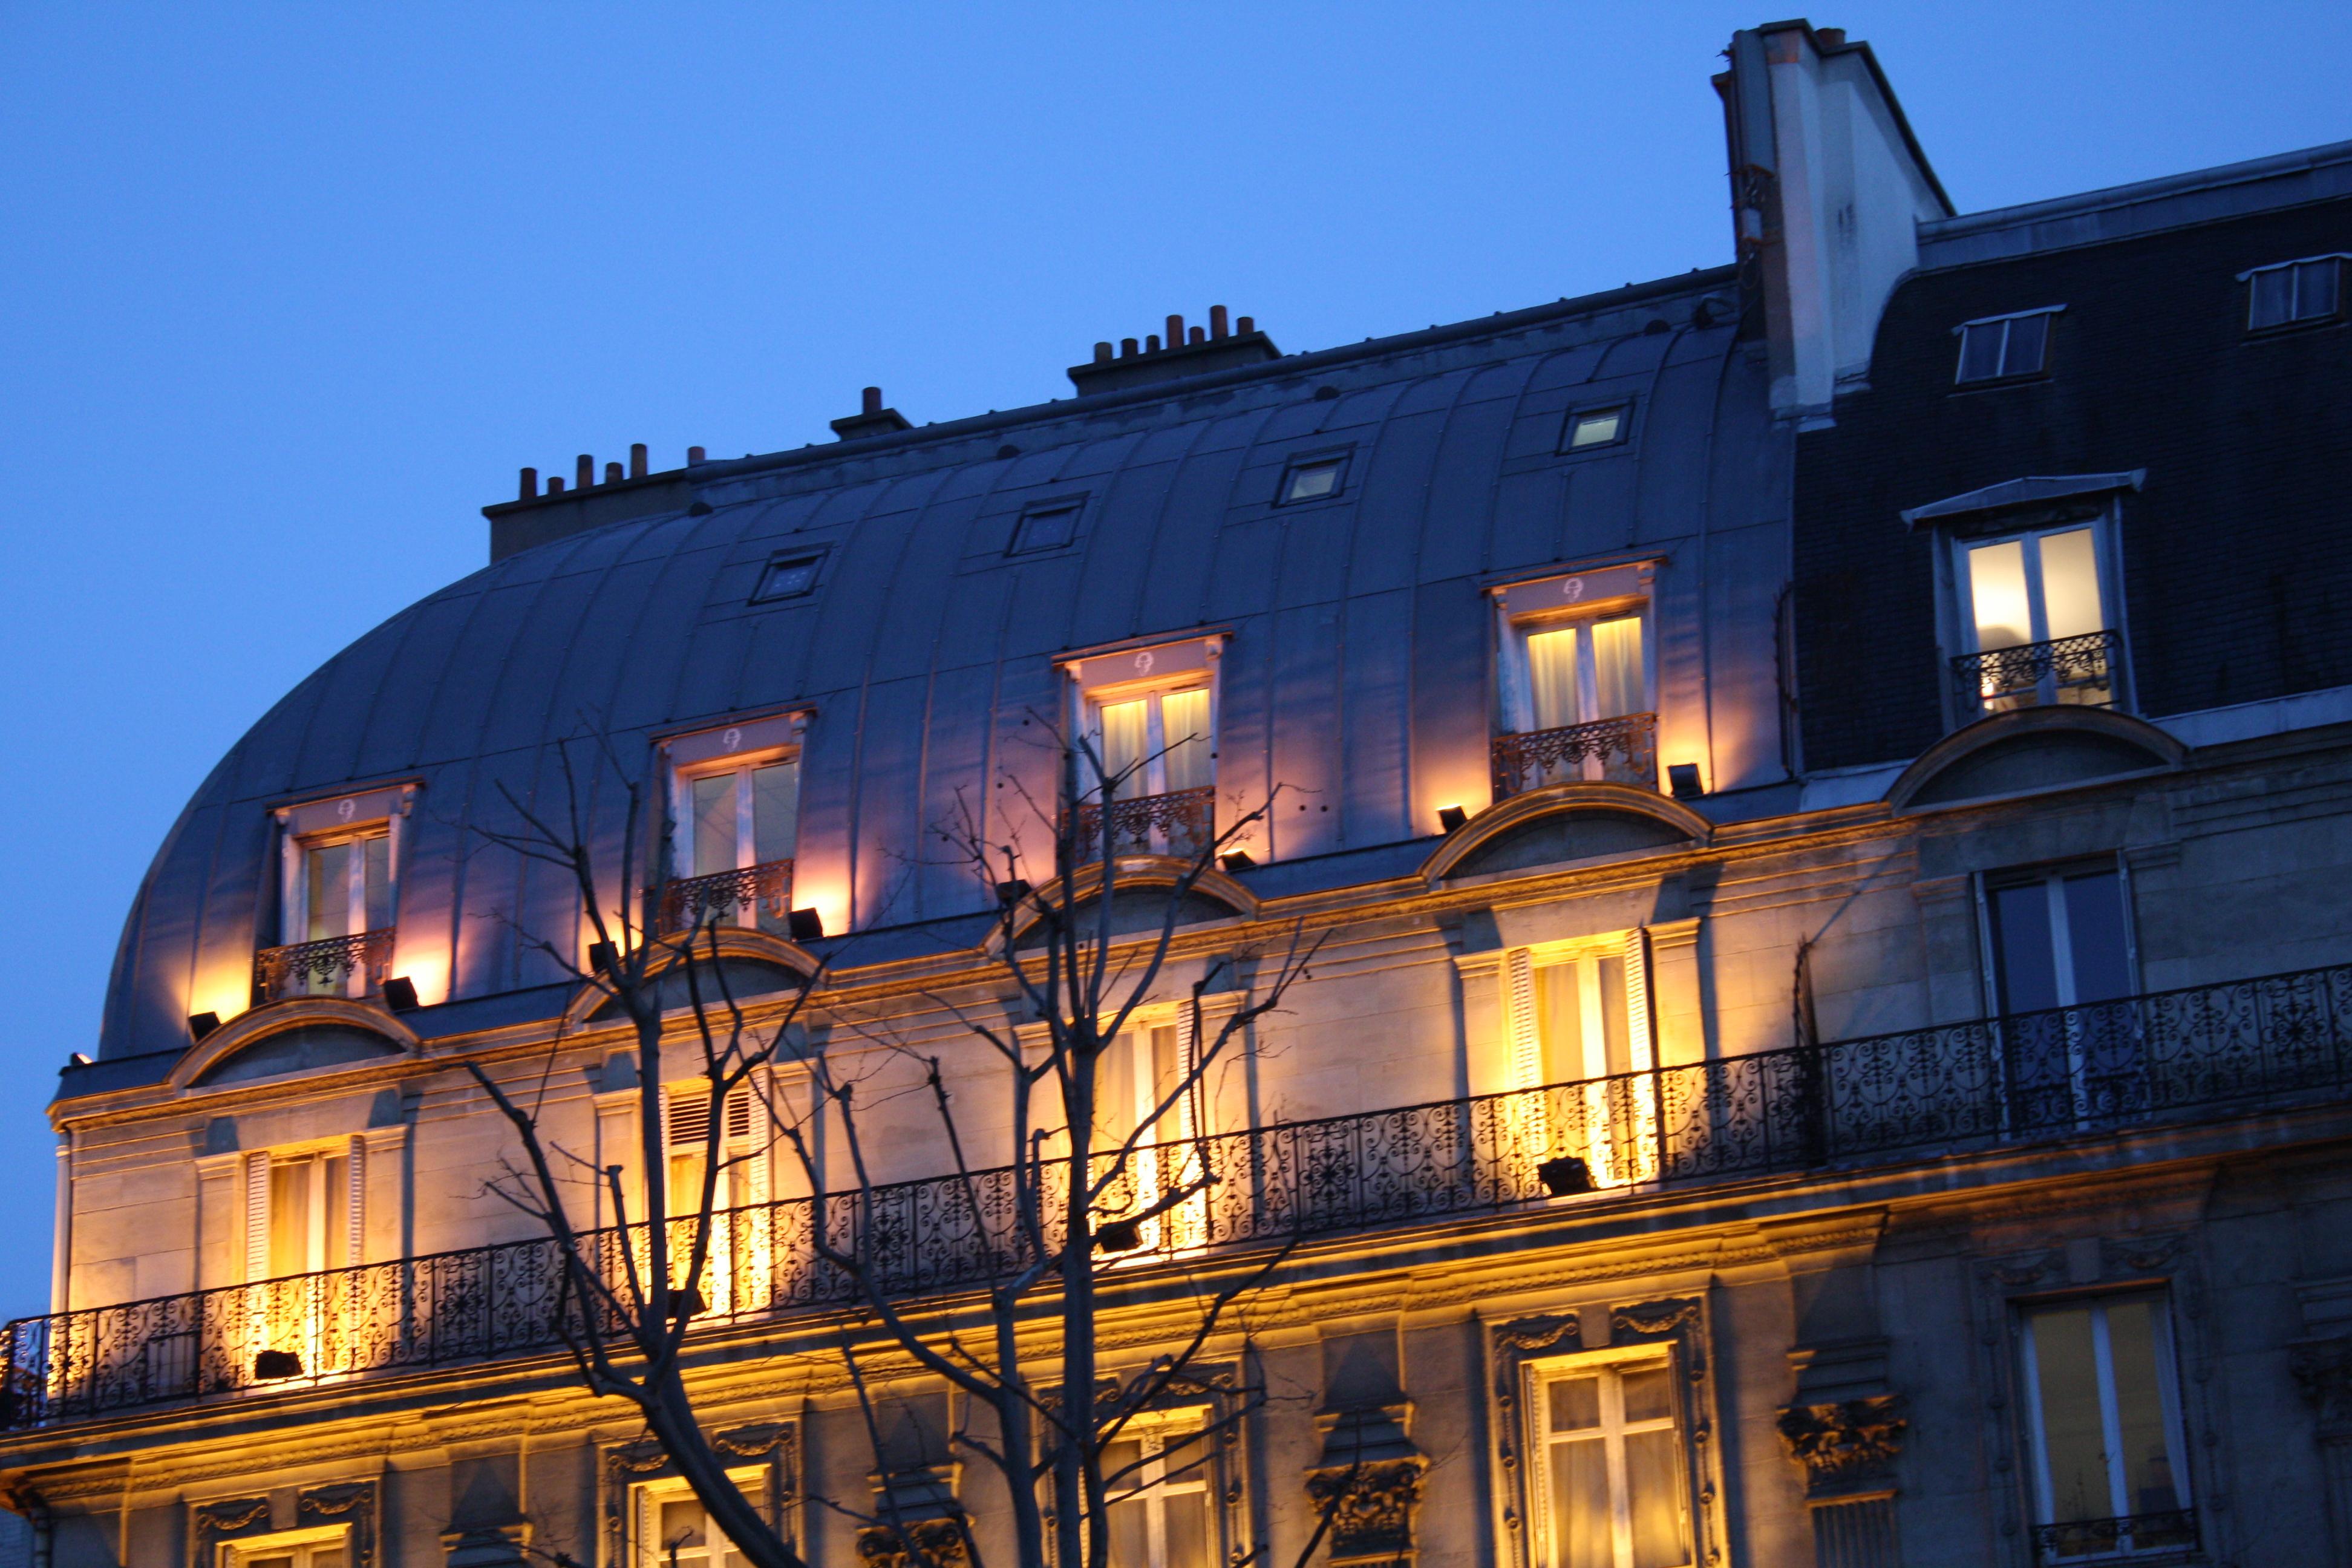 paris european art classroom proctor academy new hampshire aix en provence france